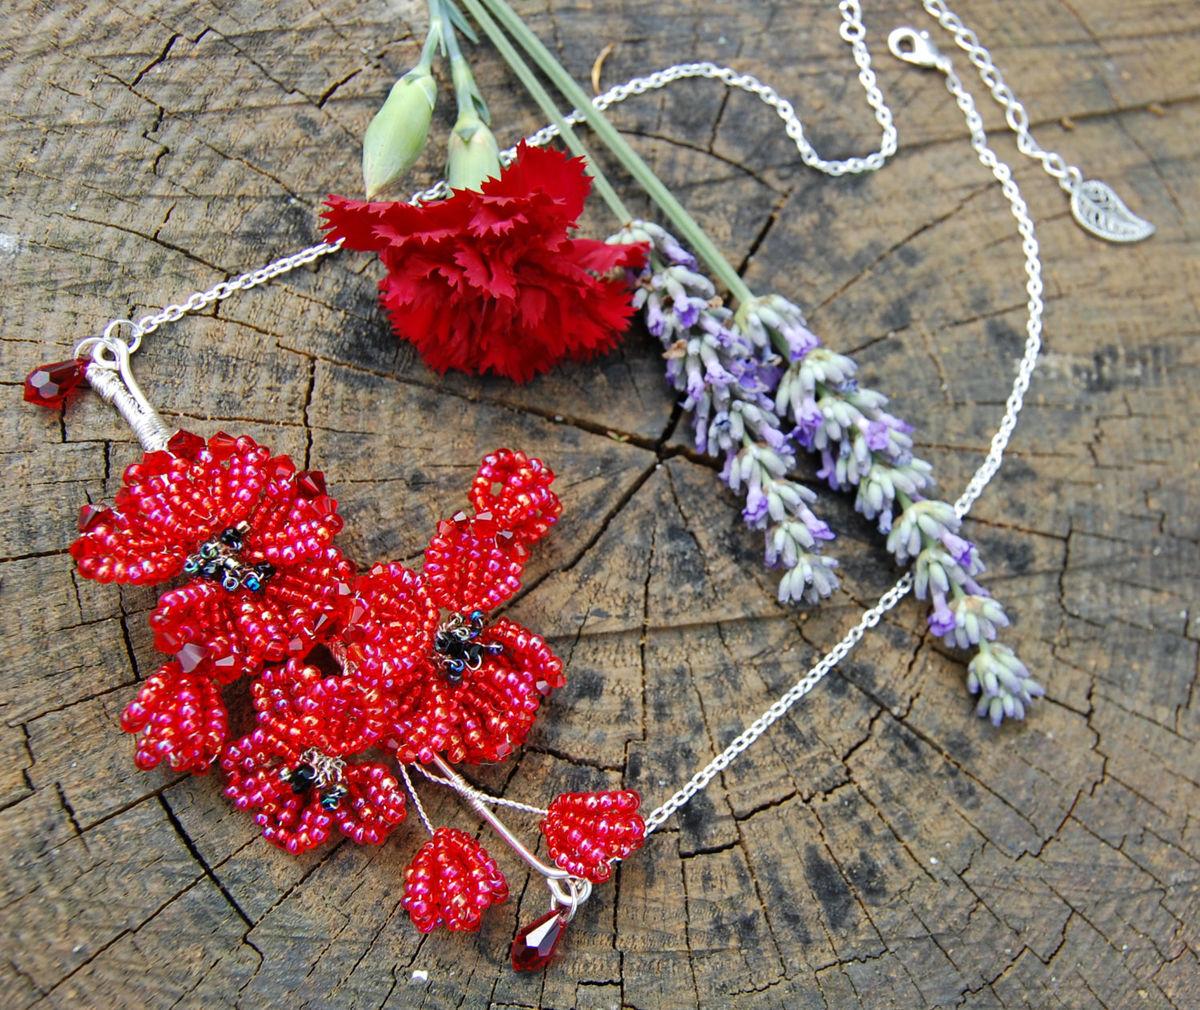 Sale red poppy necklace french beaded flower pendant with crystal sale red poppy necklace french beaded flower pendant with crystal petals victorian pre raphaelite fairytale jewelry mightylinksfo